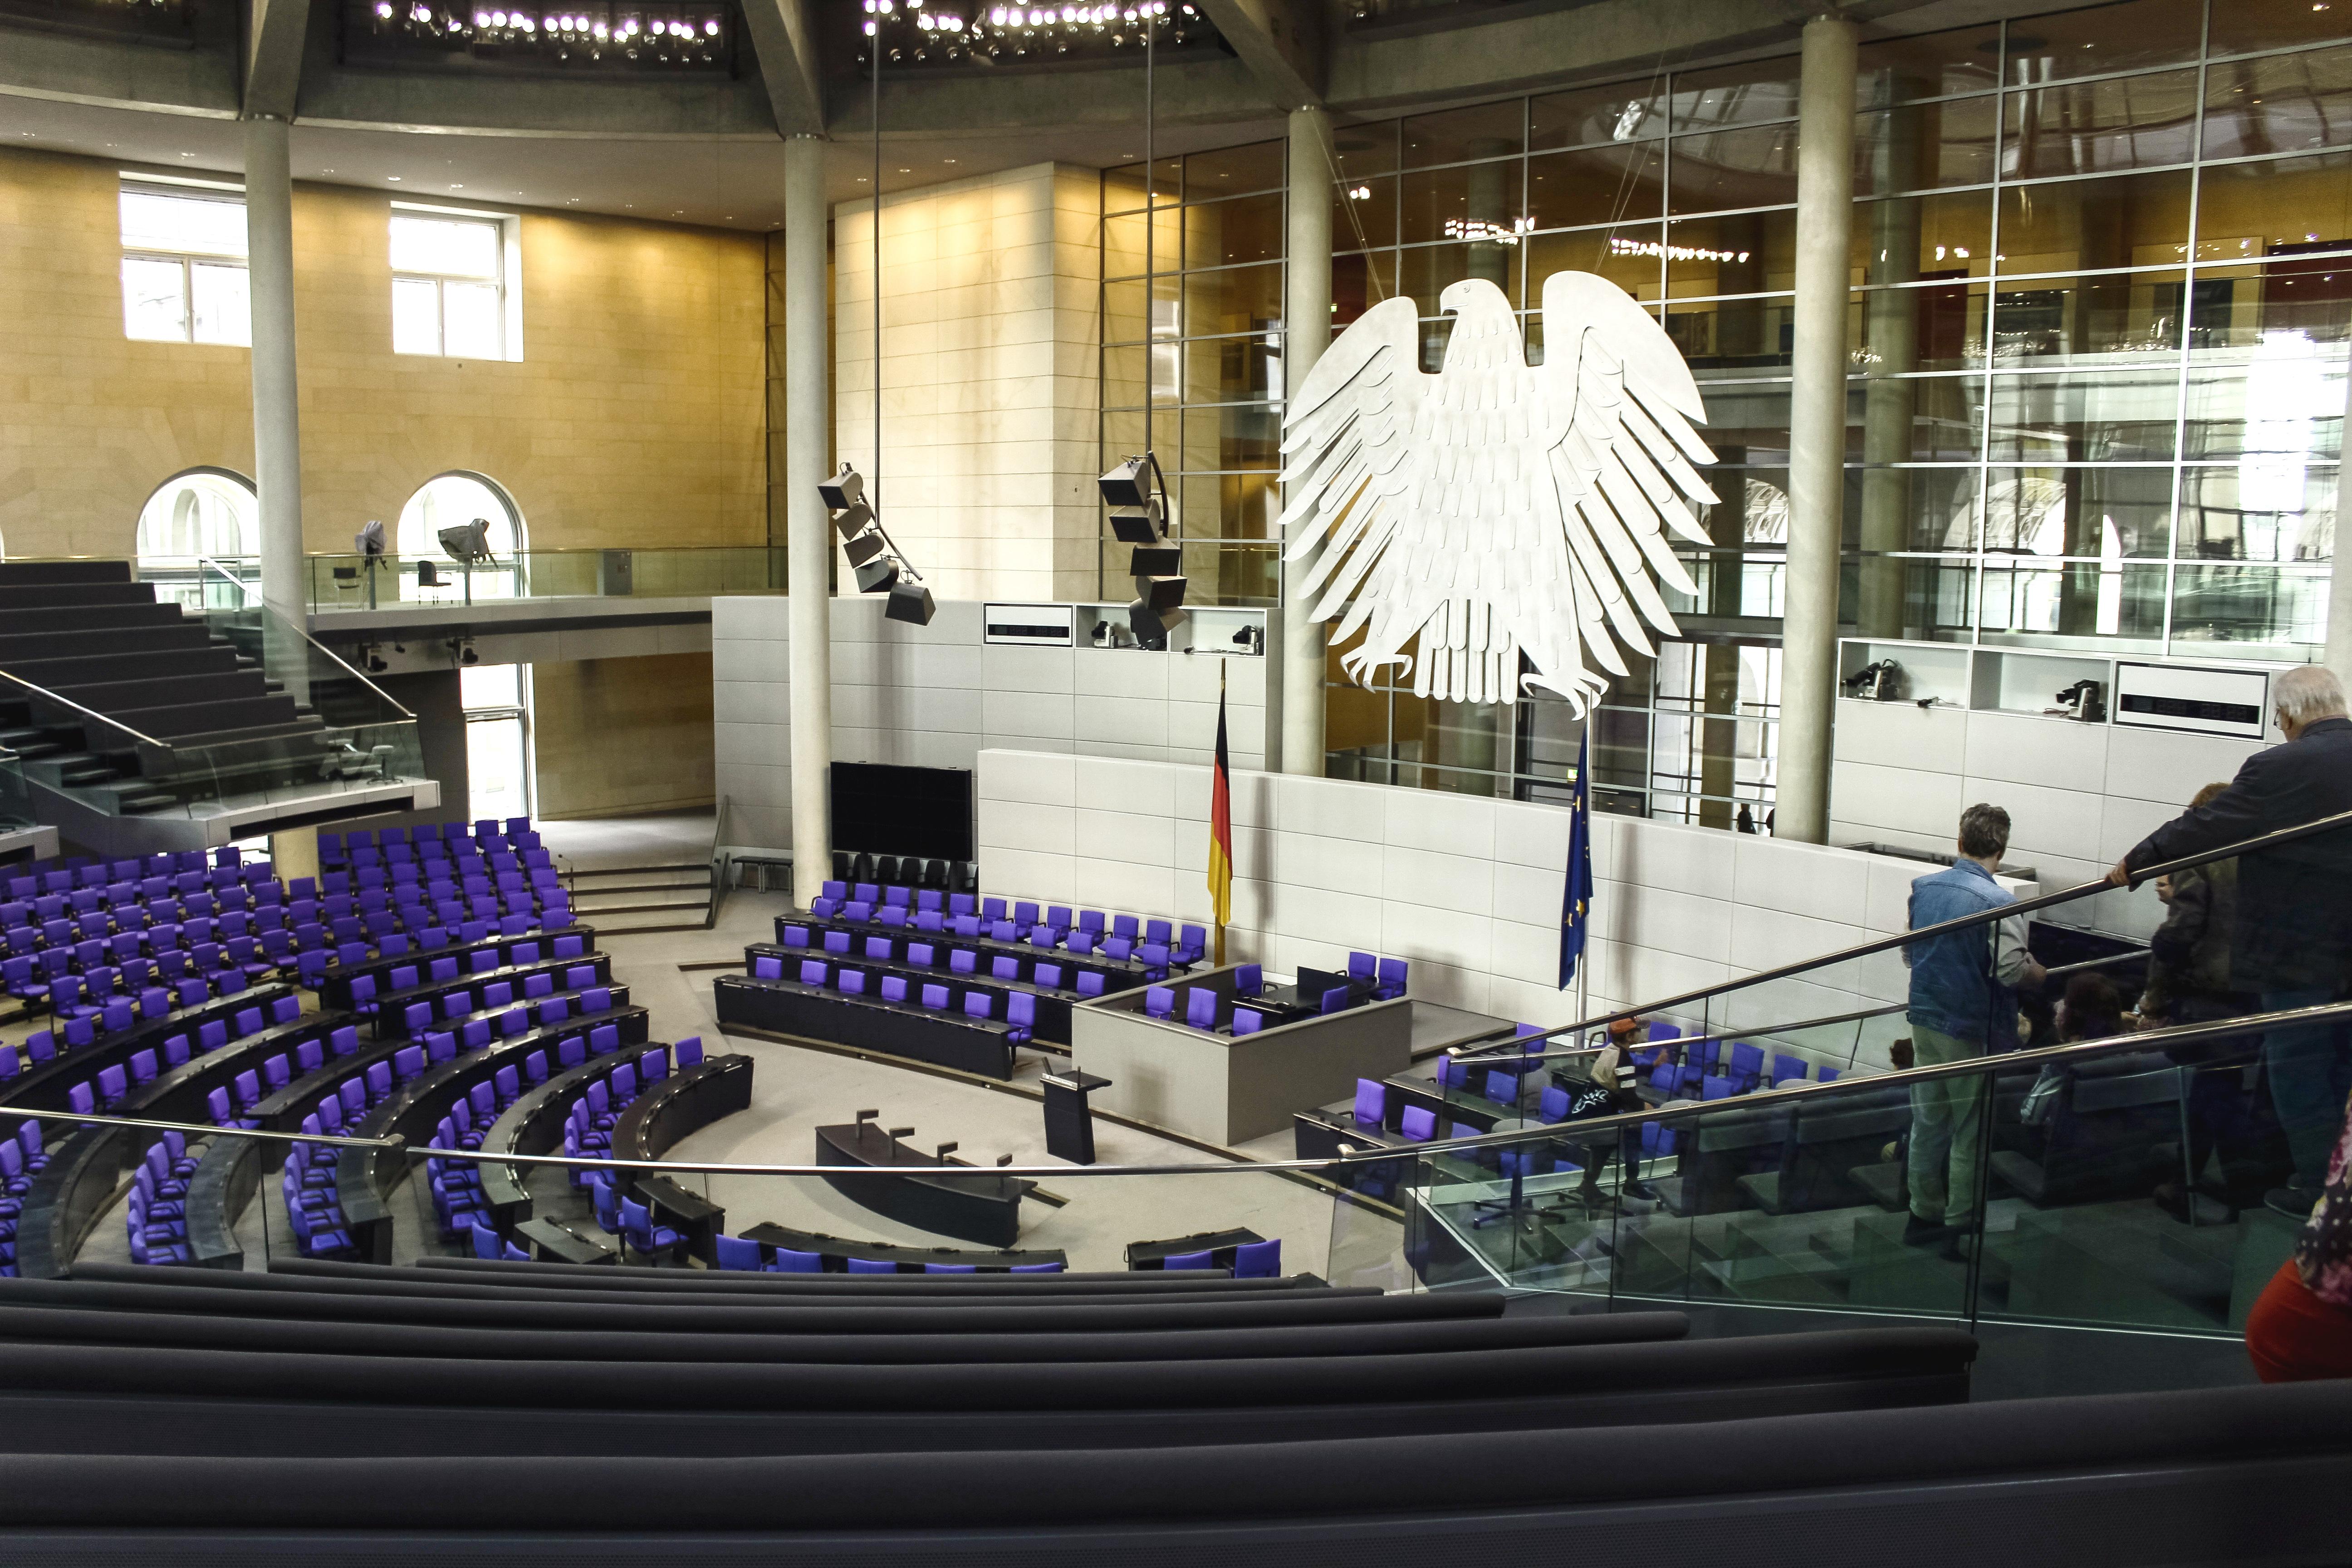 Deutscher Bundestag (Bild: Pixabay.com)